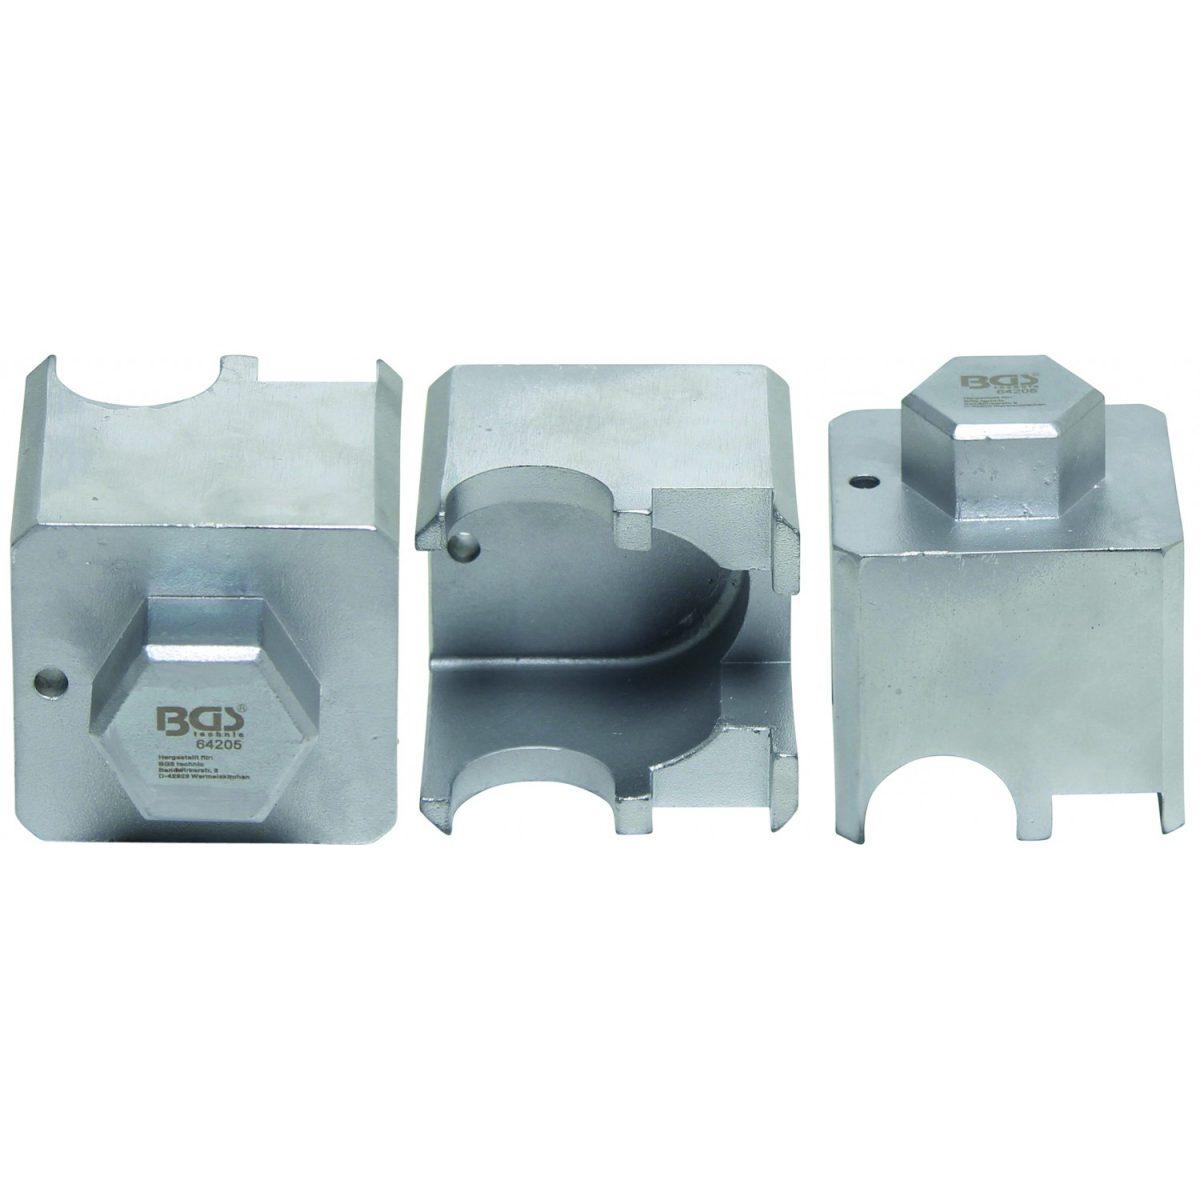 CNG Cylinder Valve Wrench for Citroen C3 (big valve) (64205)